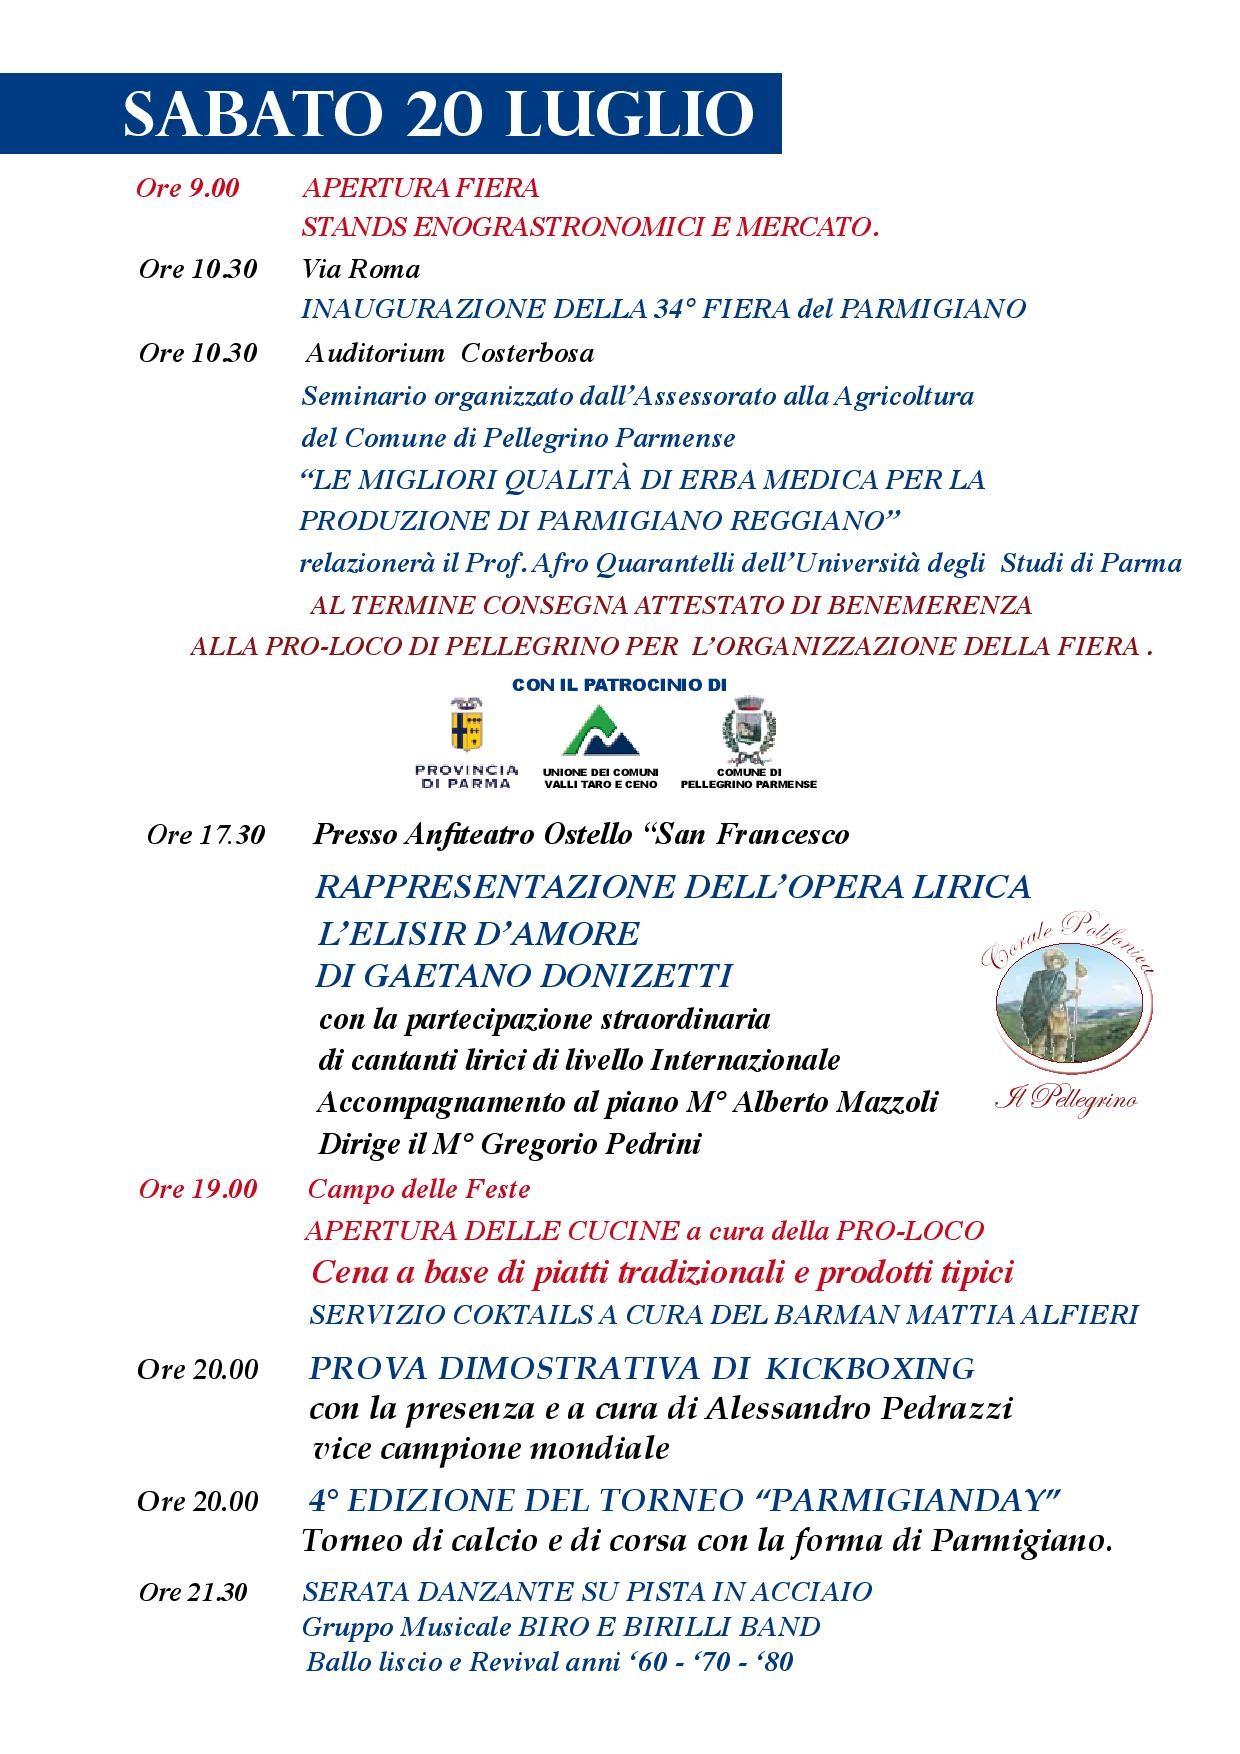 Fiera del Parmigiano Reggiano di Montagna a Pellegrino Parmense, programma del 20 luglio